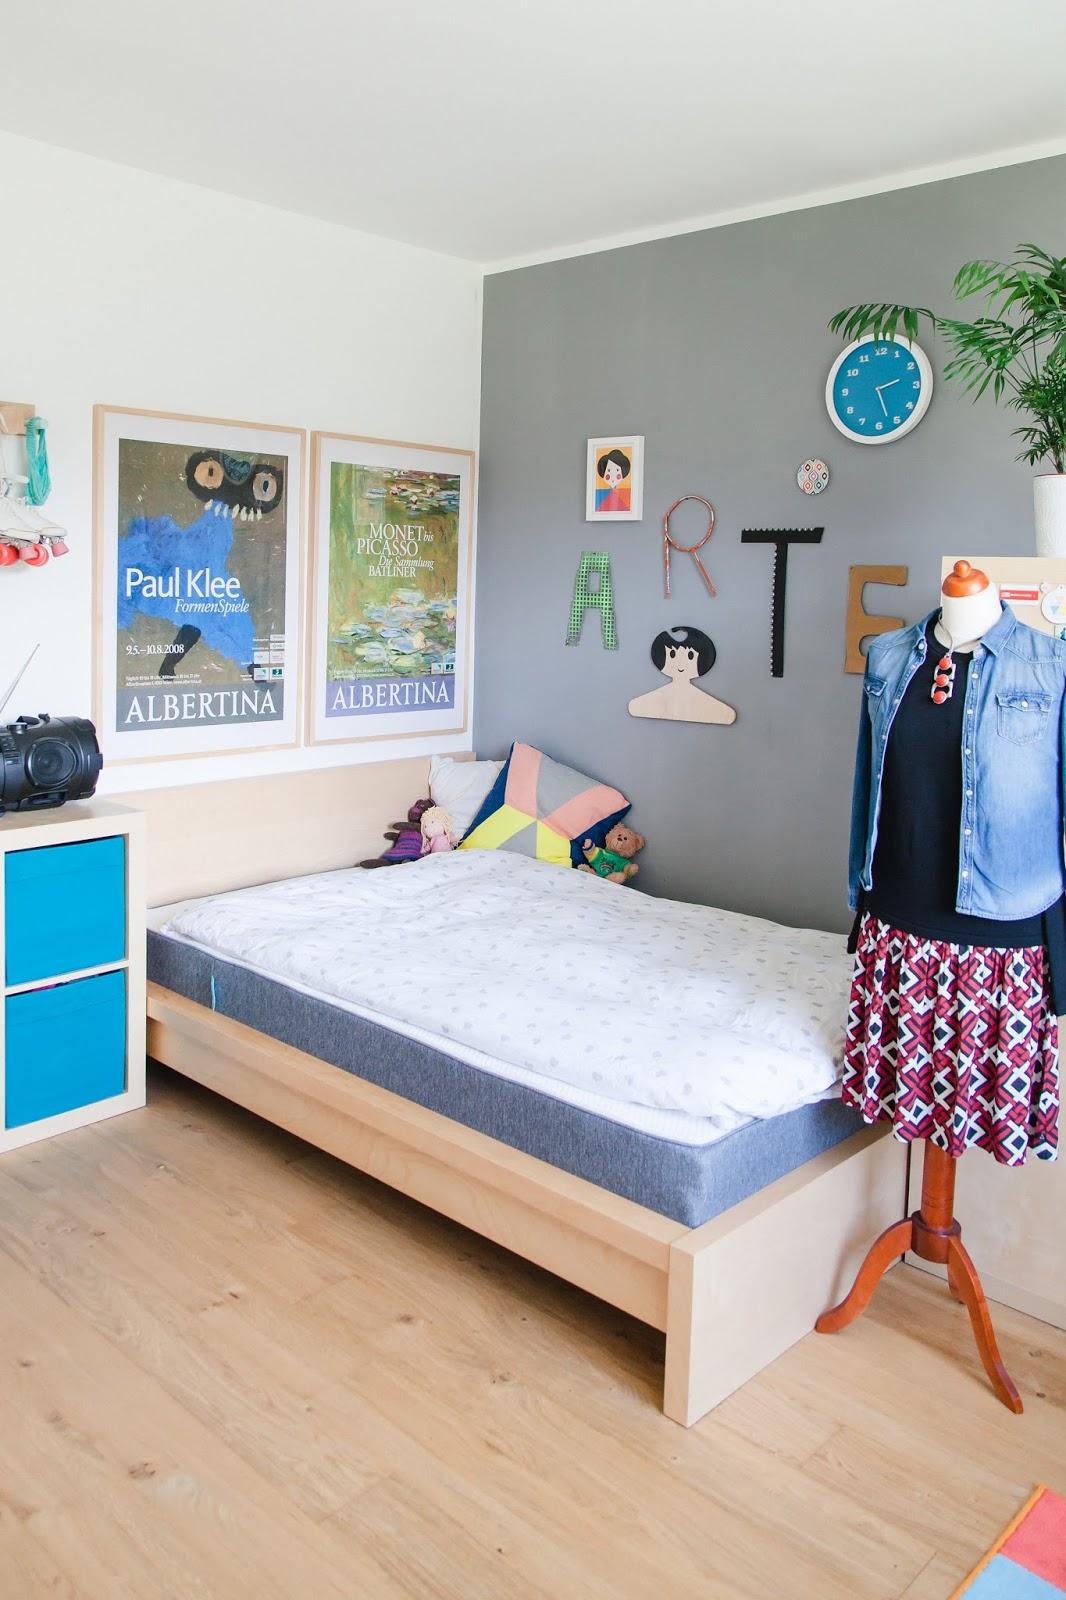 vorher nachher leonas zimmer wohnprojekt wohnblog f r interior diy und lifestyle. Black Bedroom Furniture Sets. Home Design Ideas